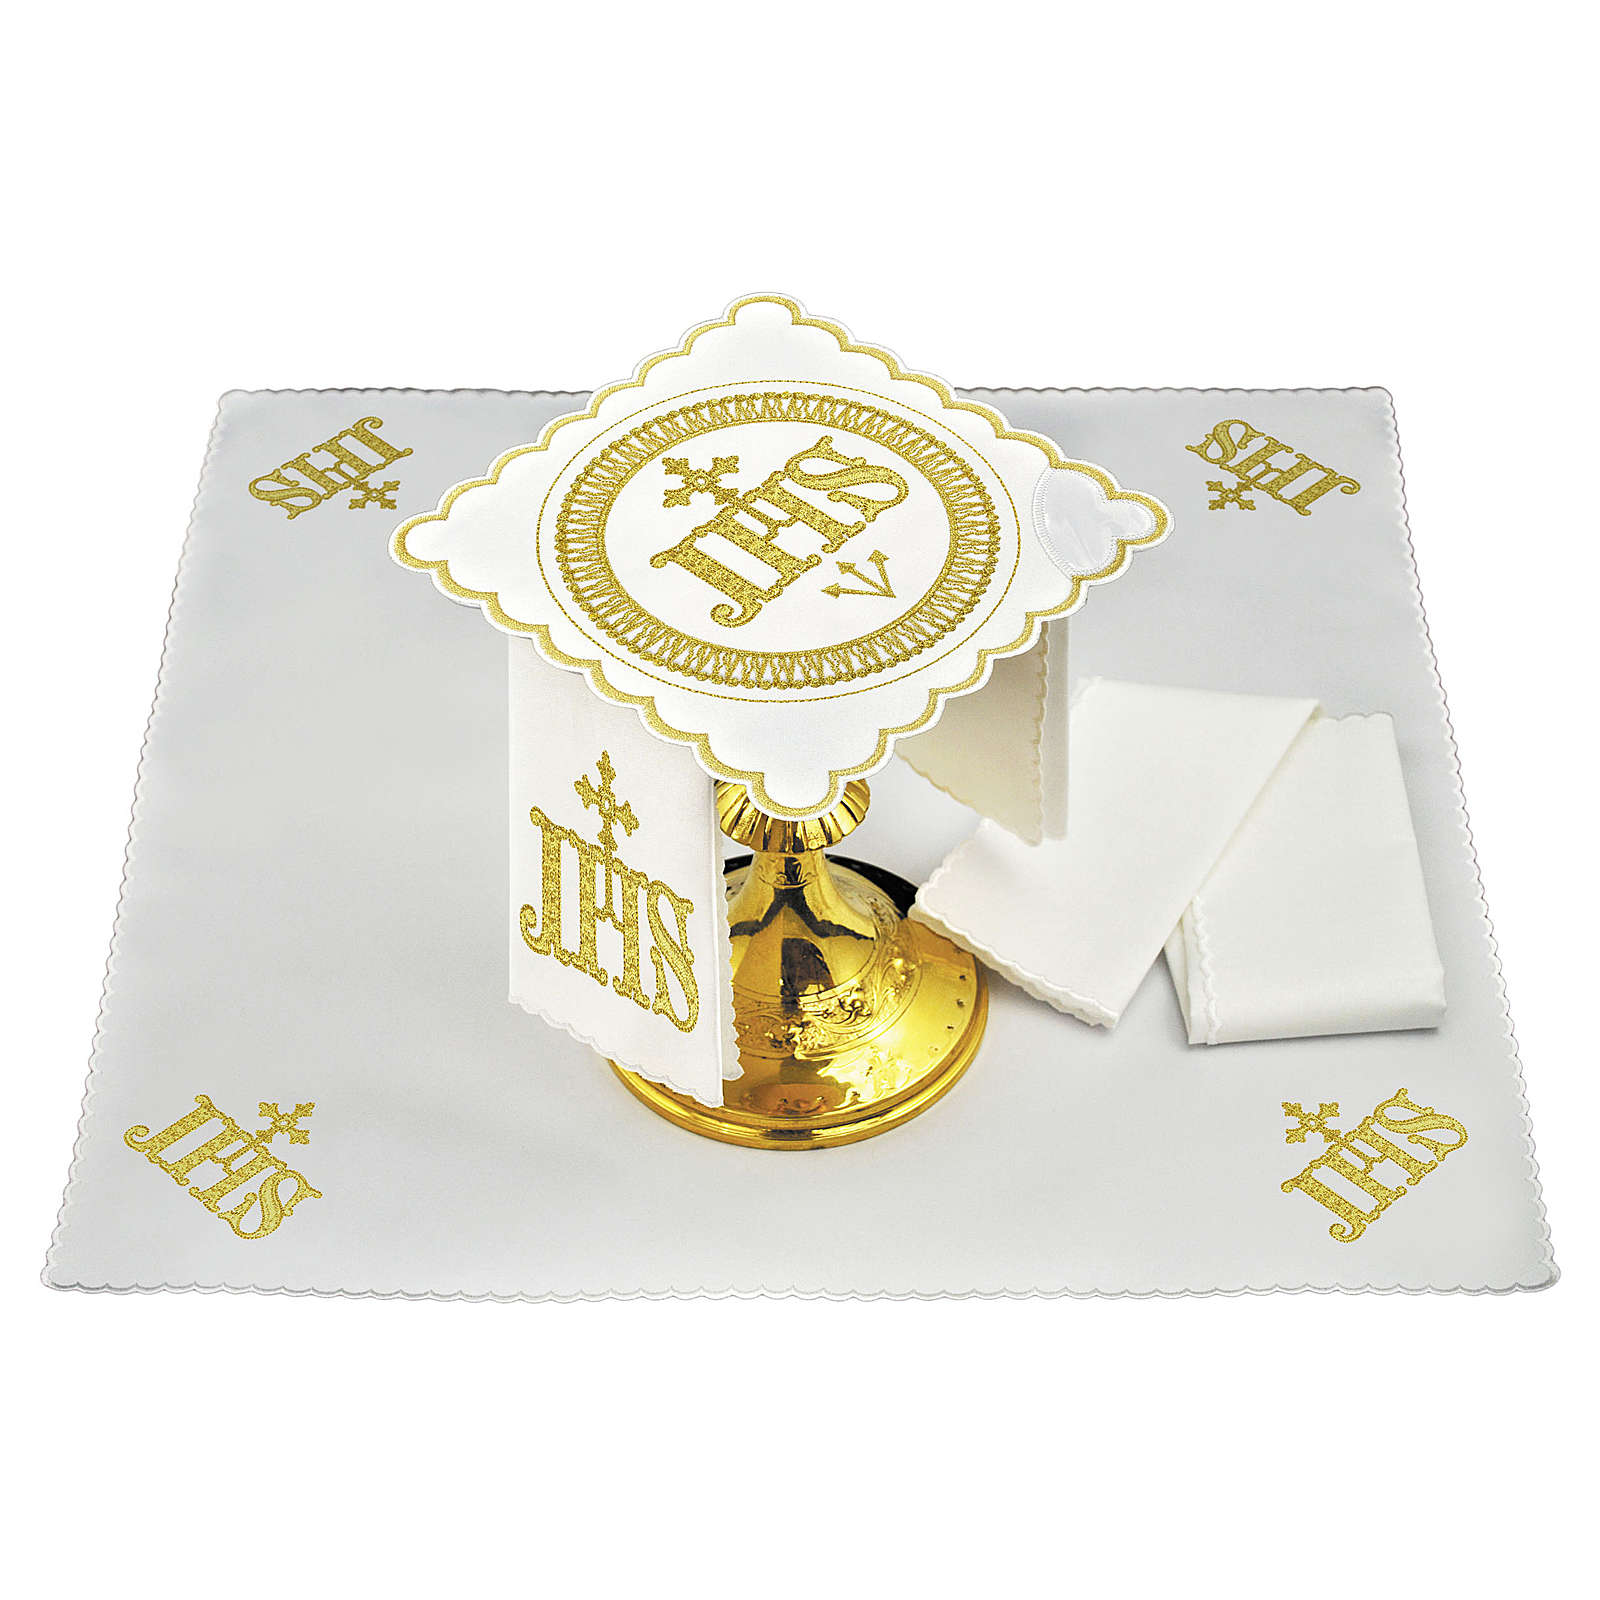 Servizio da altare lino simbolo JHS posizione centrale 4